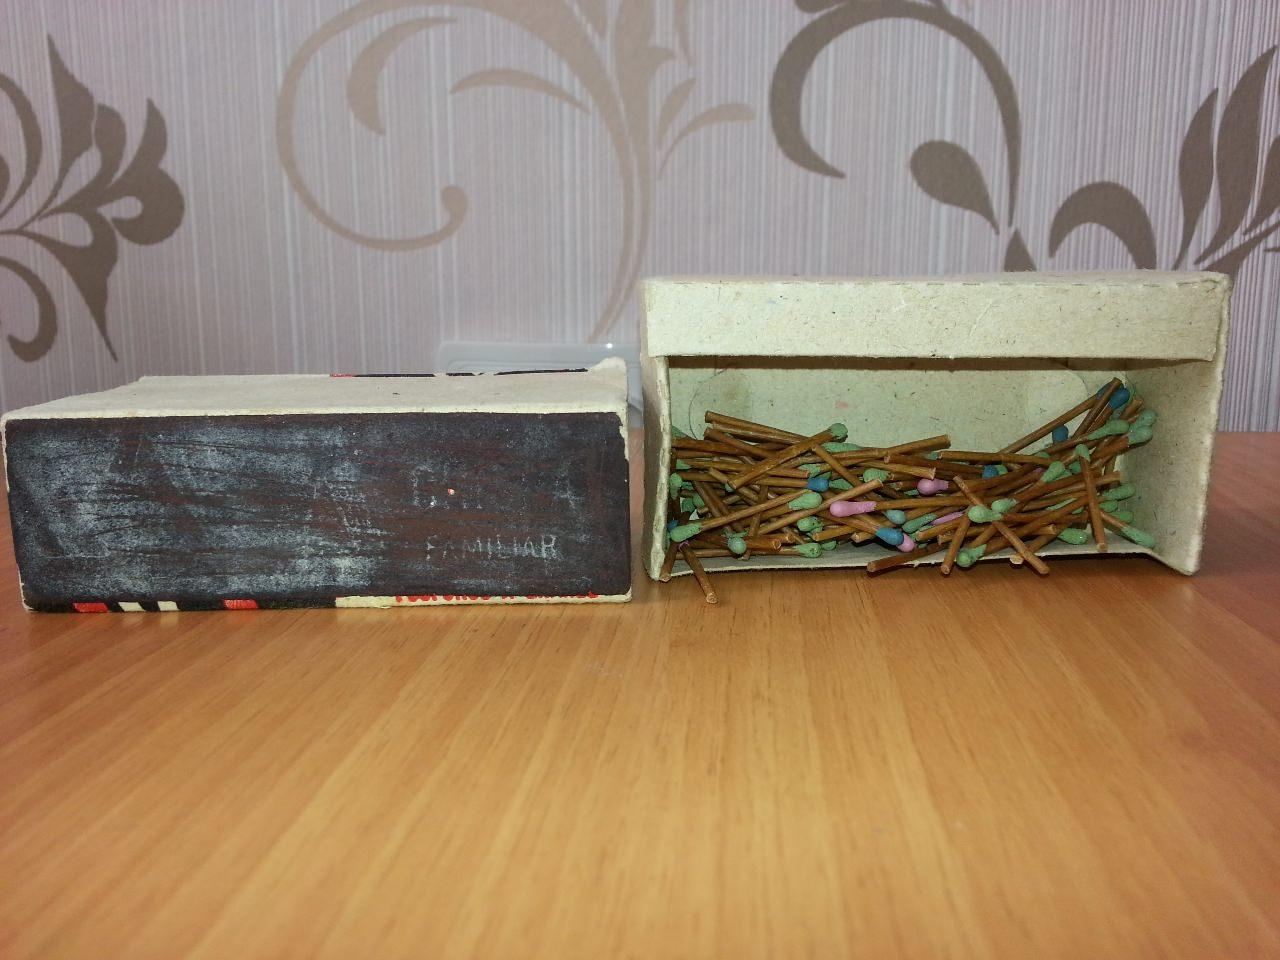 1990. Большой коробок спичек. 1 вид.